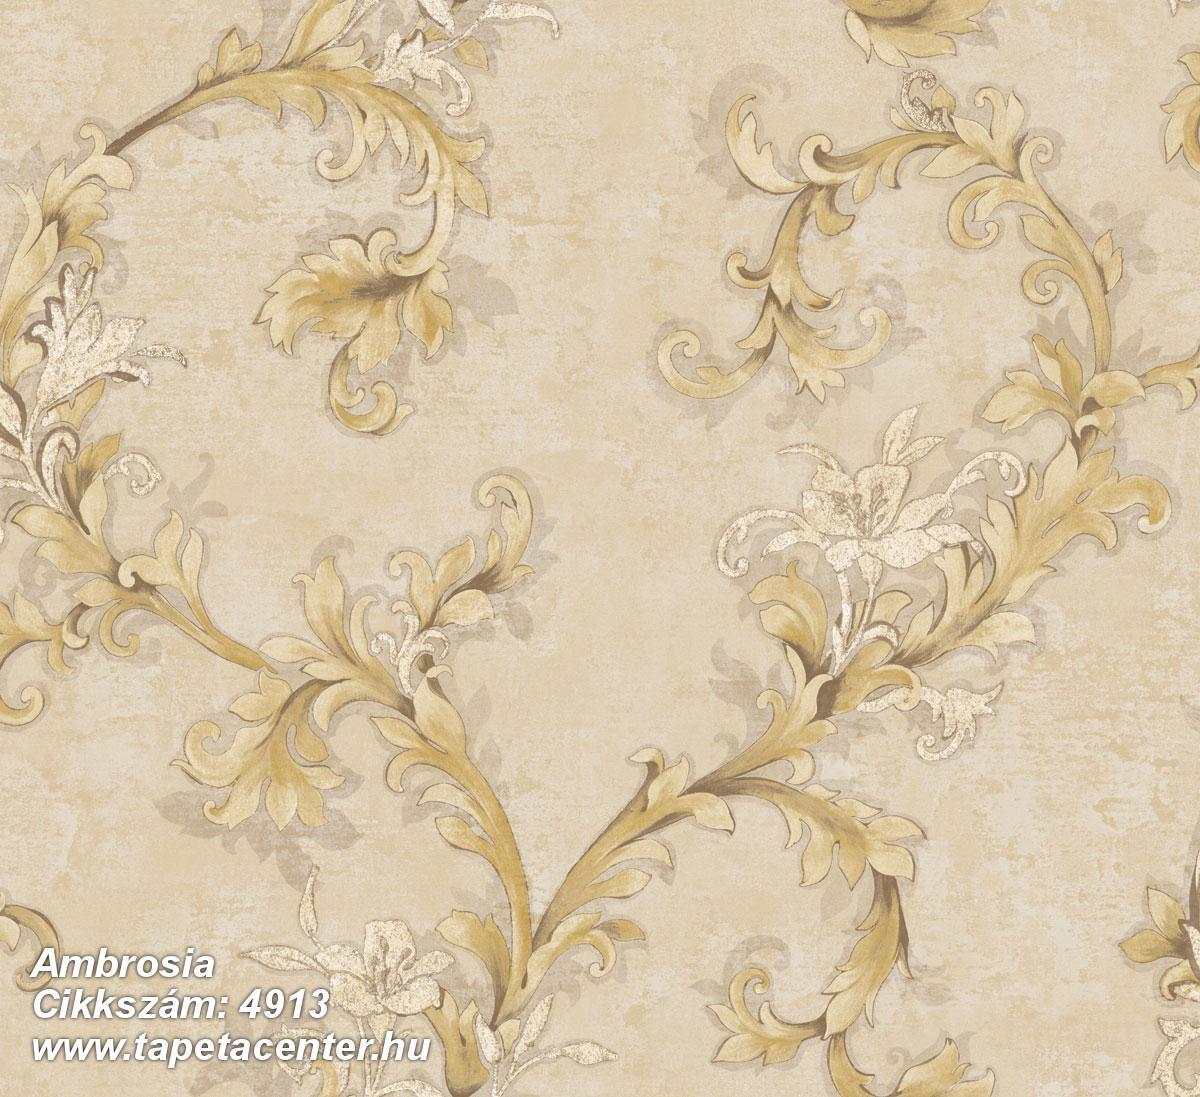 Barokk-klasszikus,virágmintás,arany,barna,bézs-drapp,súrolható,vlies tapéta